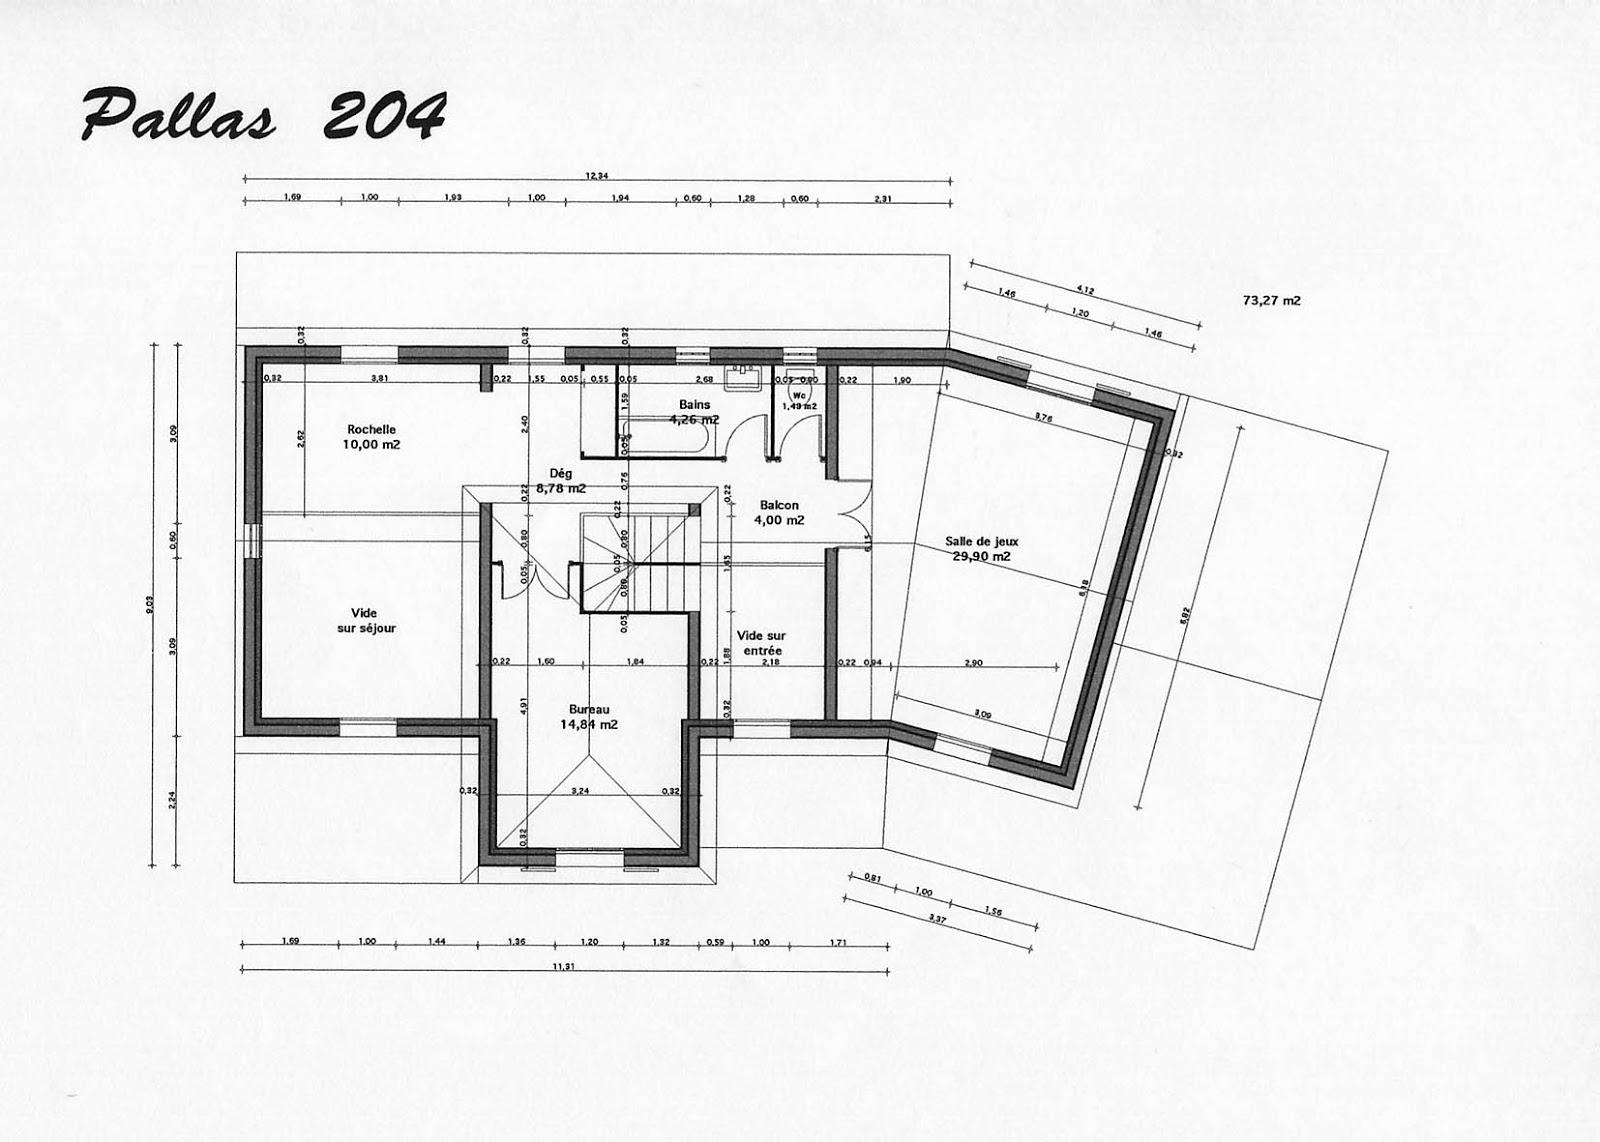 plan de maison moderne gratuit en tunisie. Black Bedroom Furniture Sets. Home Design Ideas